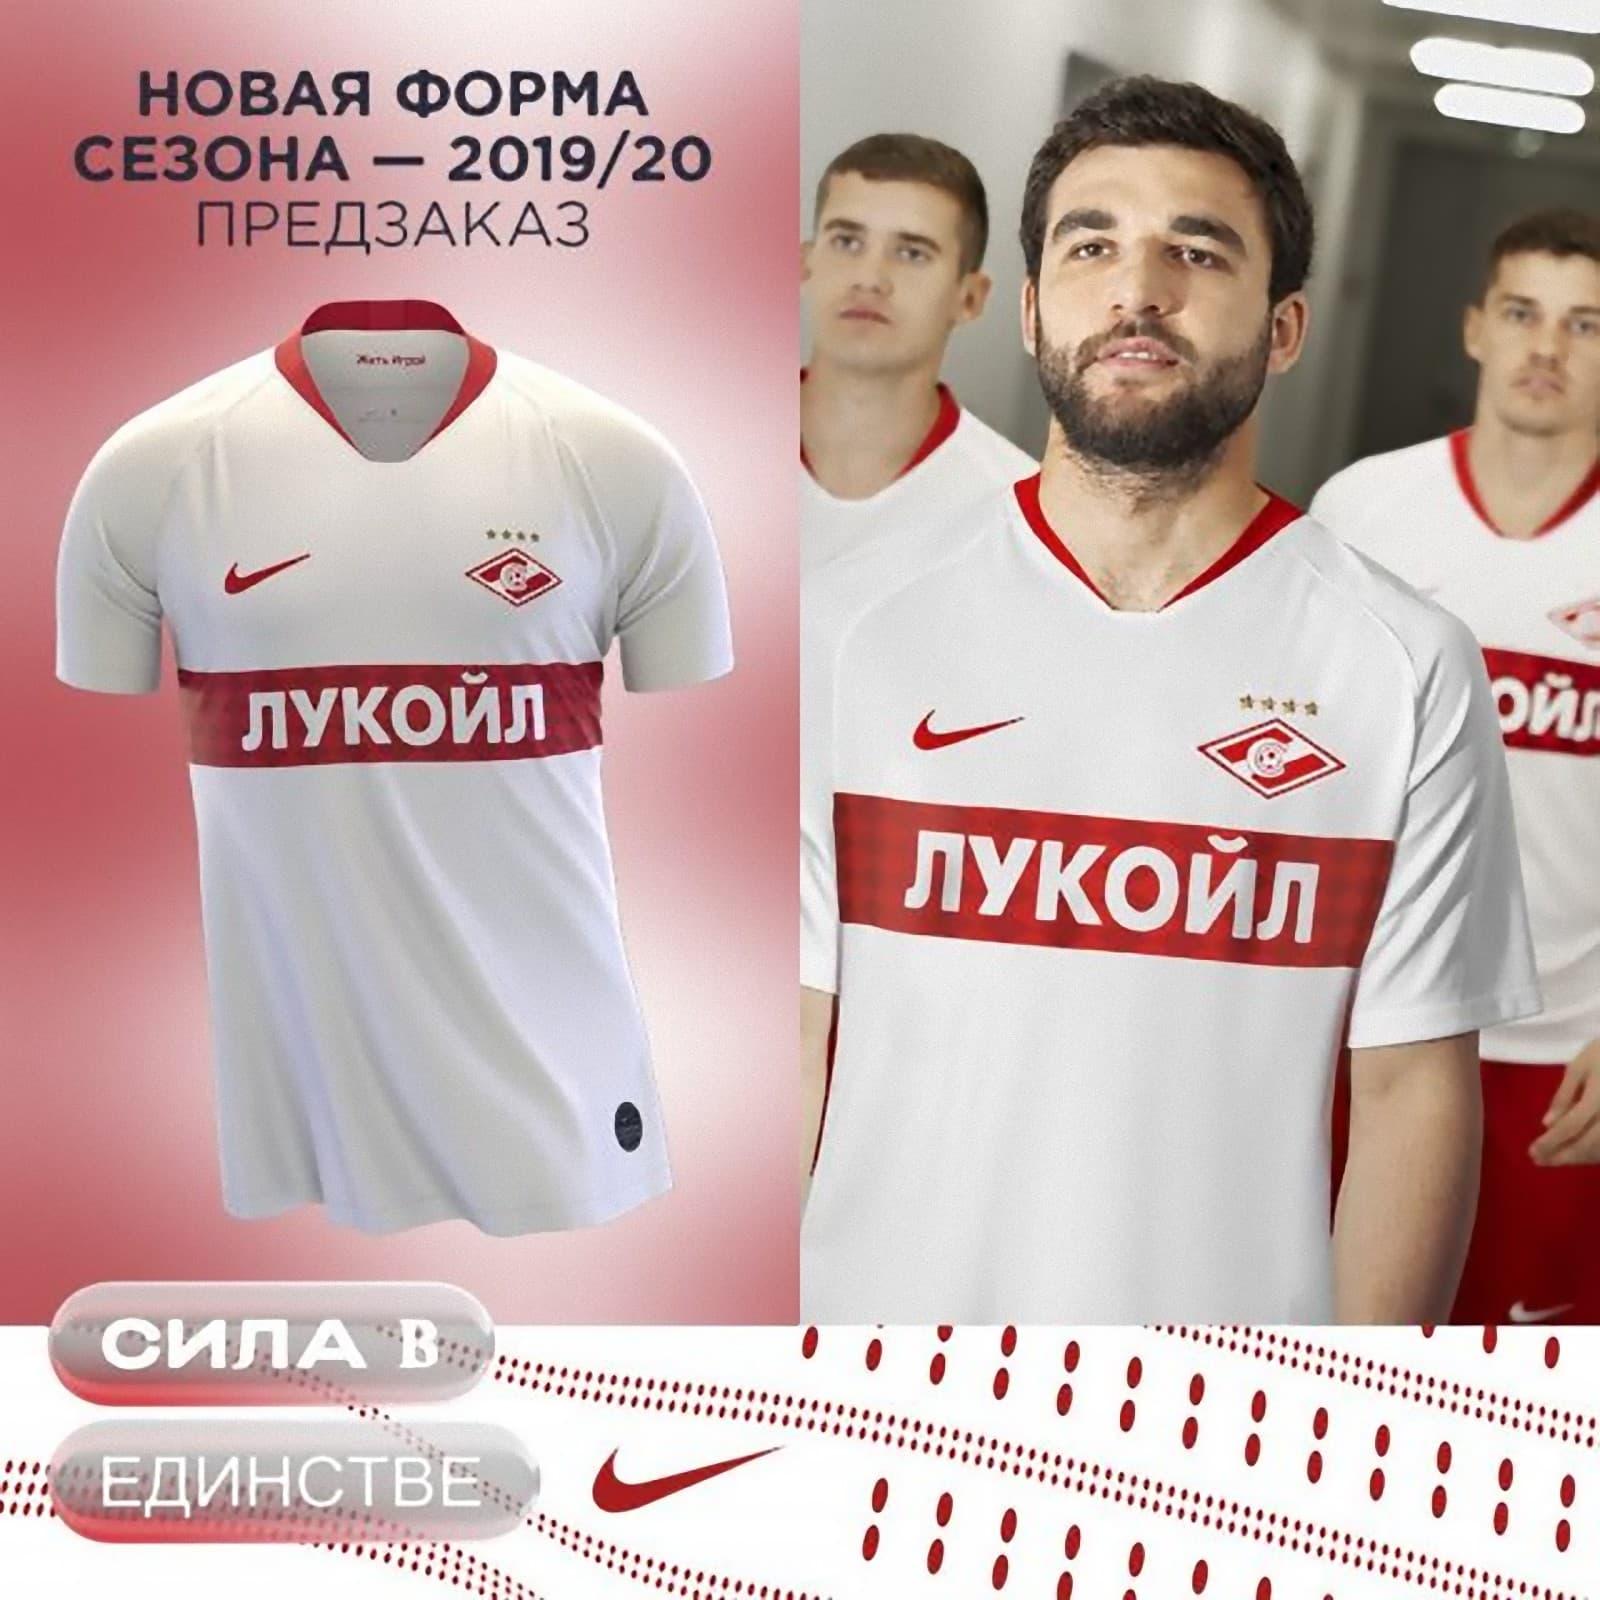 スパルタク・モスクワ 2019-20 ユニフォーム - ユニ11